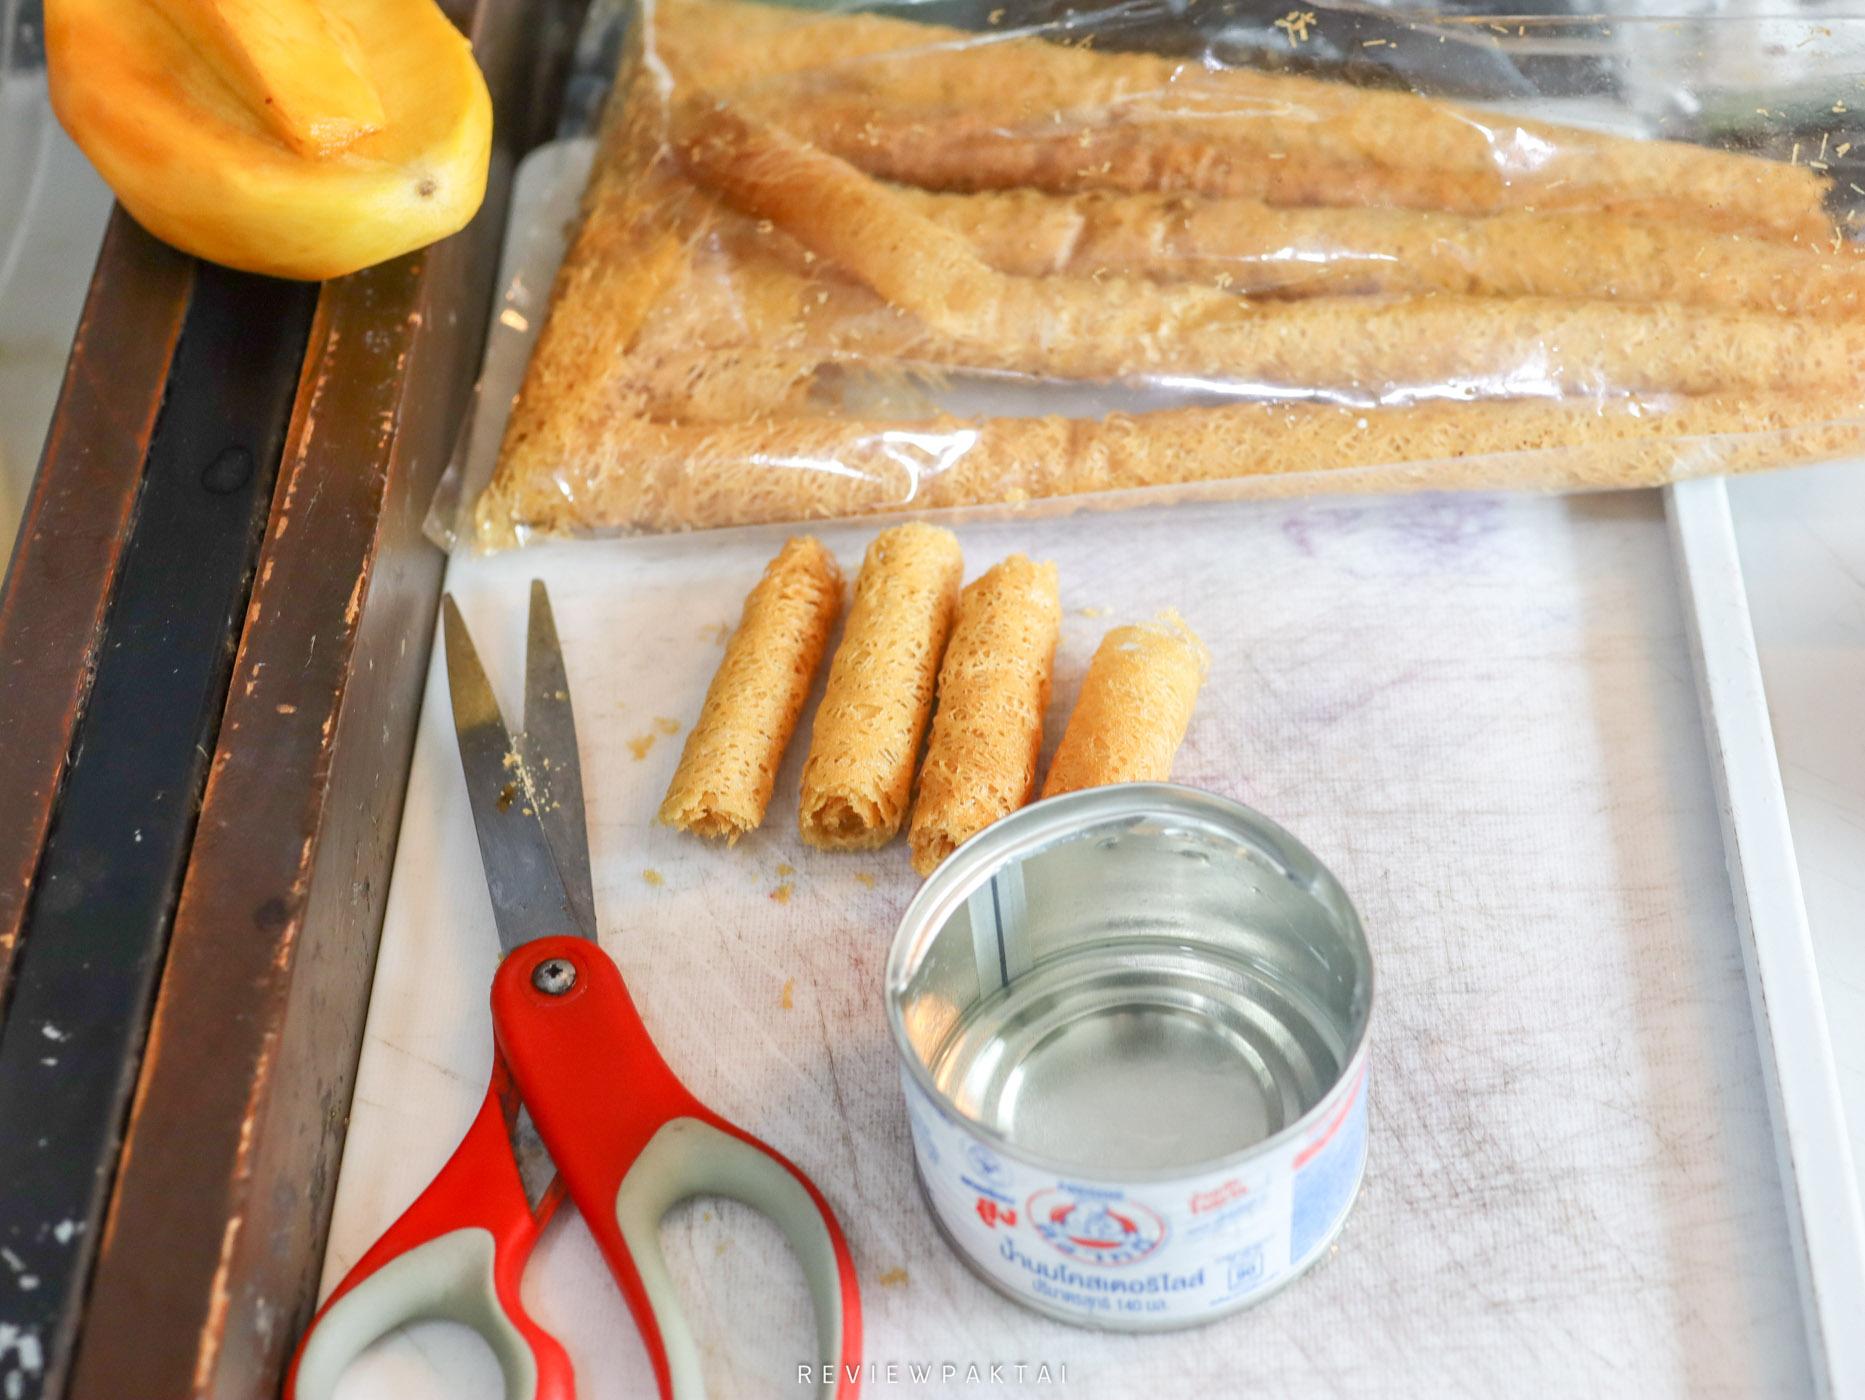 ตัดขนมลาและเปิดฝานมตราหมีไว้น้าา  นมตราหมี,ปั่น,อร่อย,เด็ด,ท็อปปิ้งใต้,ขนมโค,ขนมลา,ทำเองง่ายๆ